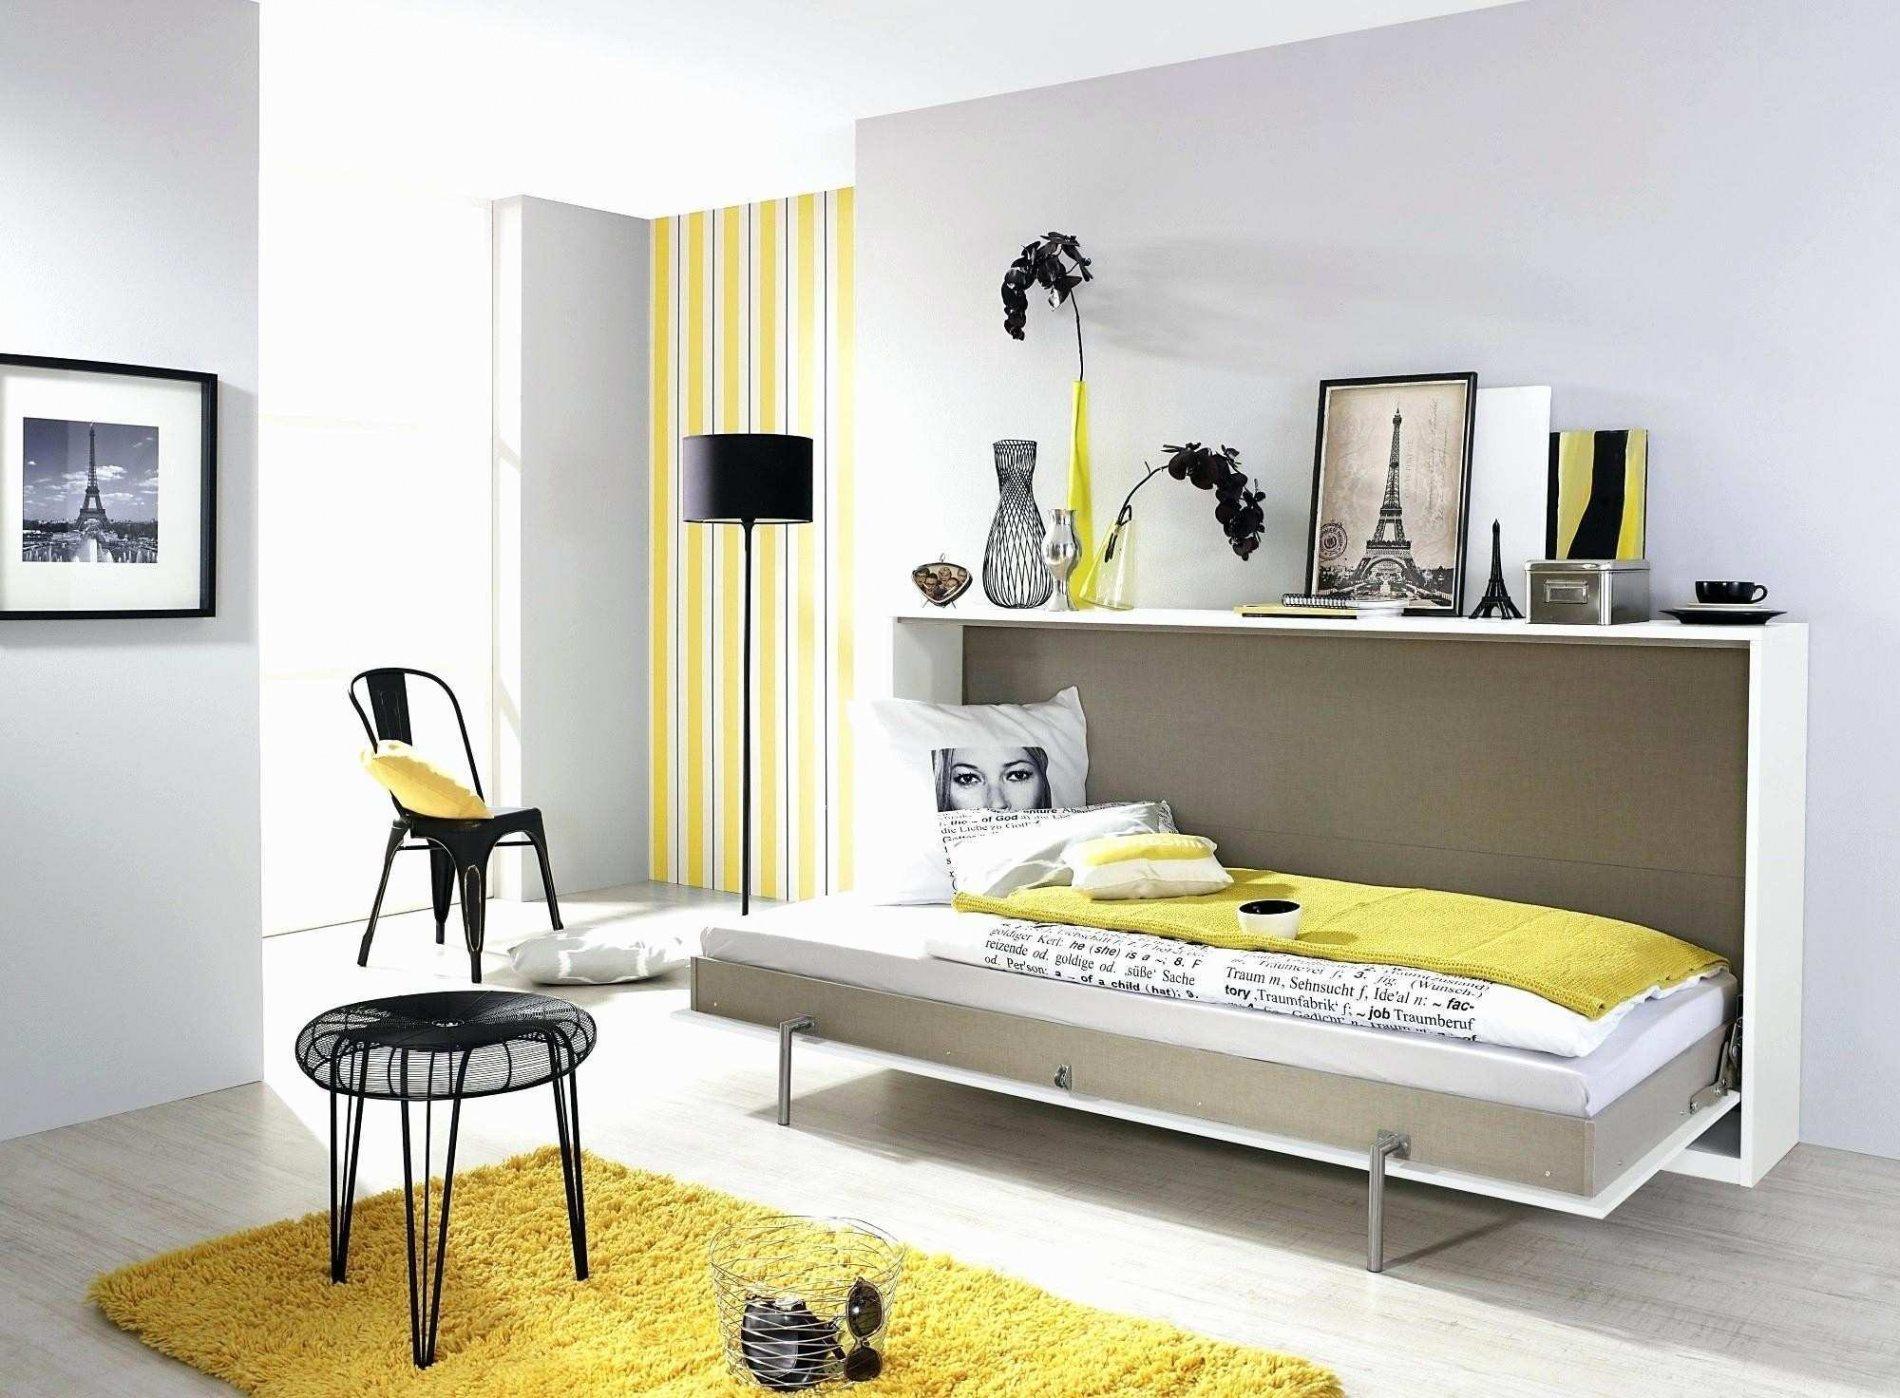 Lit Avec Rangement 180×200 Inspiré Tete De Lit Avec Rangement 180 Beau Image Tete De Lit Design Italien